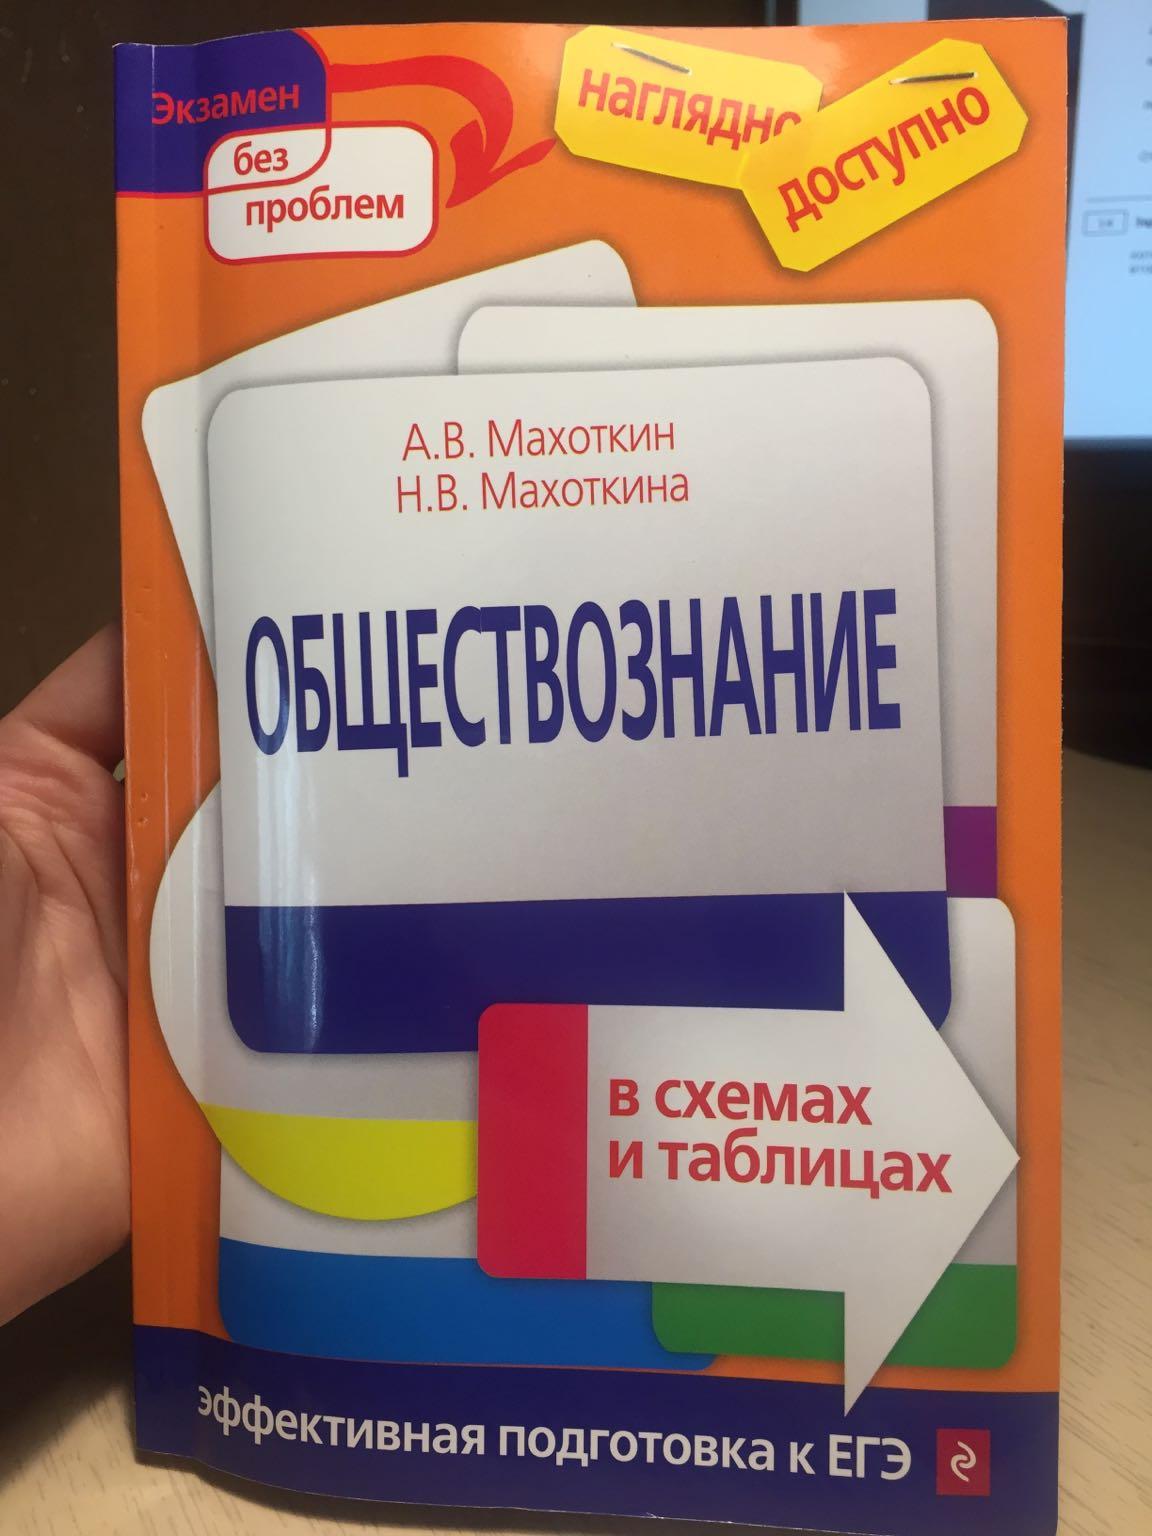 махоткин махоткина обществознание в схемах и таблицах оранжевая обложка